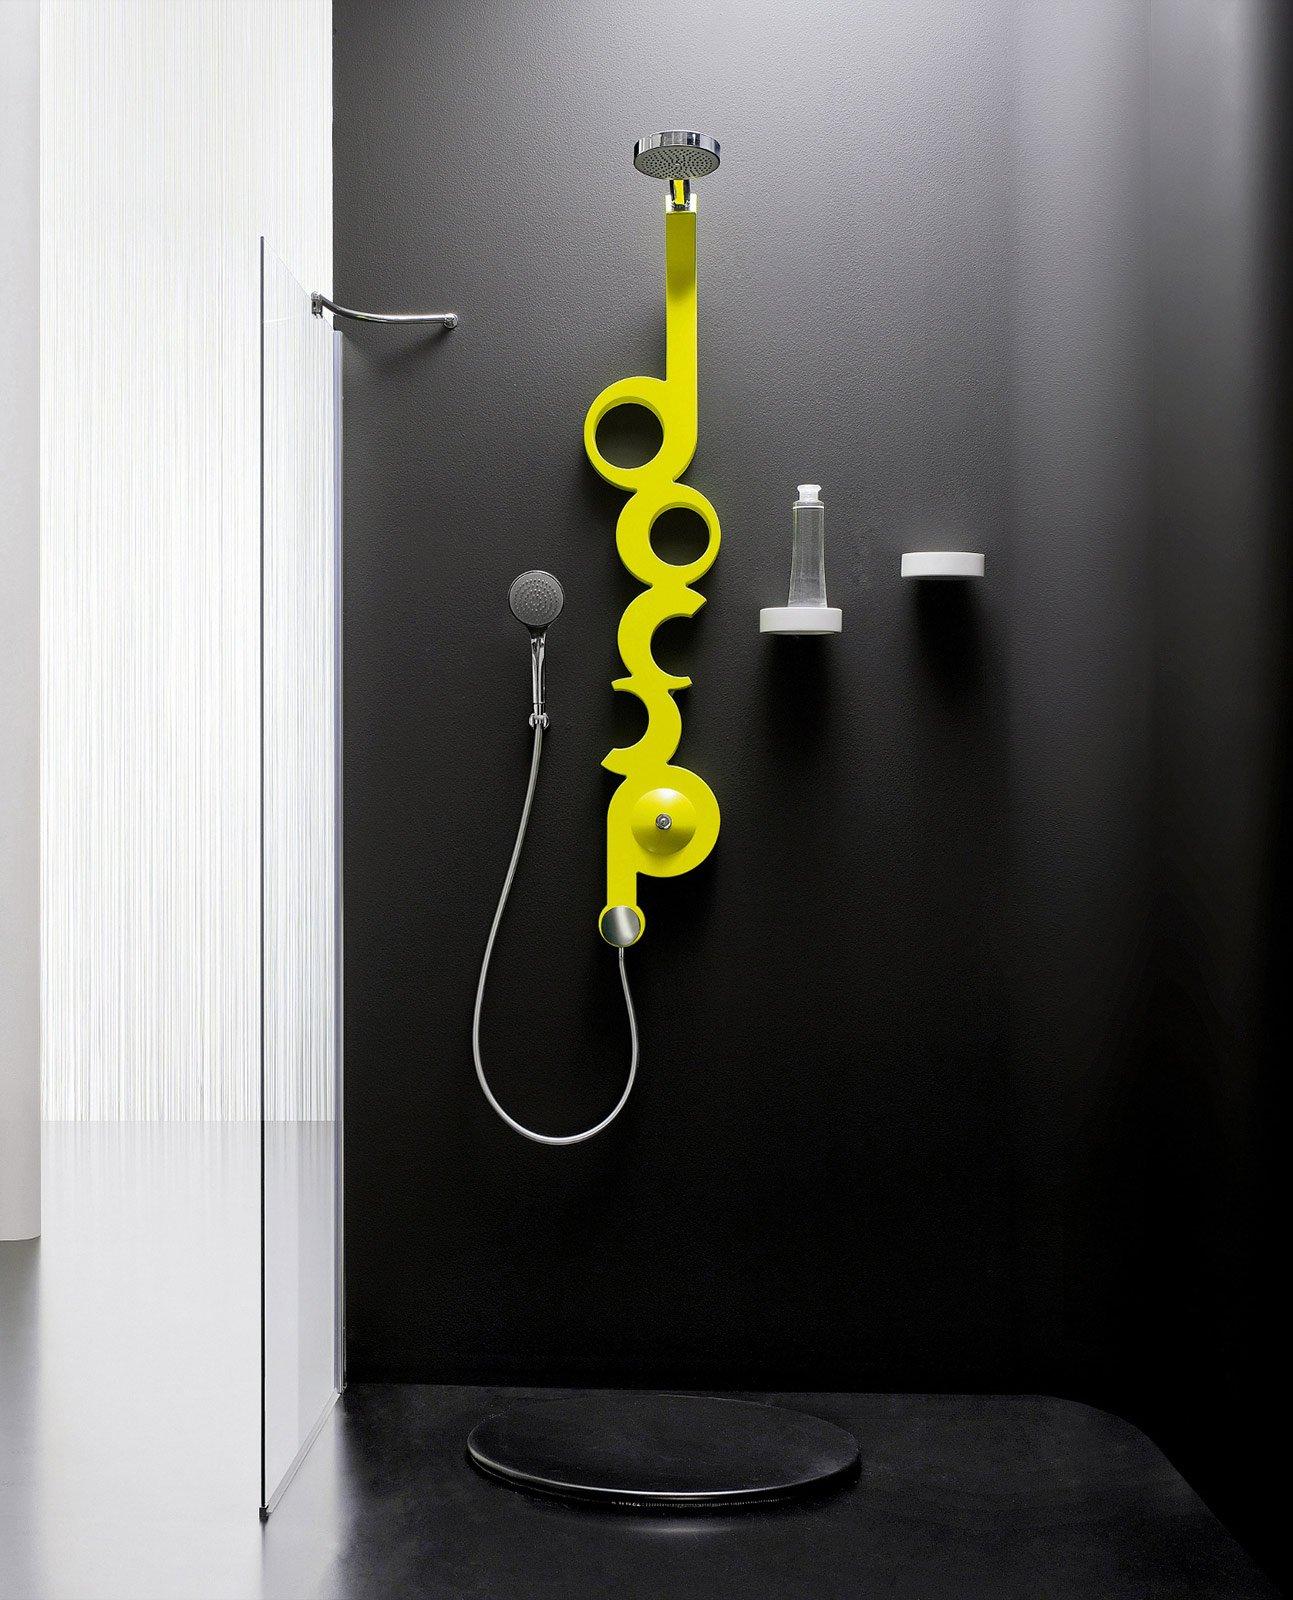 Bagno a misura di bambino la seconda soluzione cose di casa - Doccia con led colorati ...